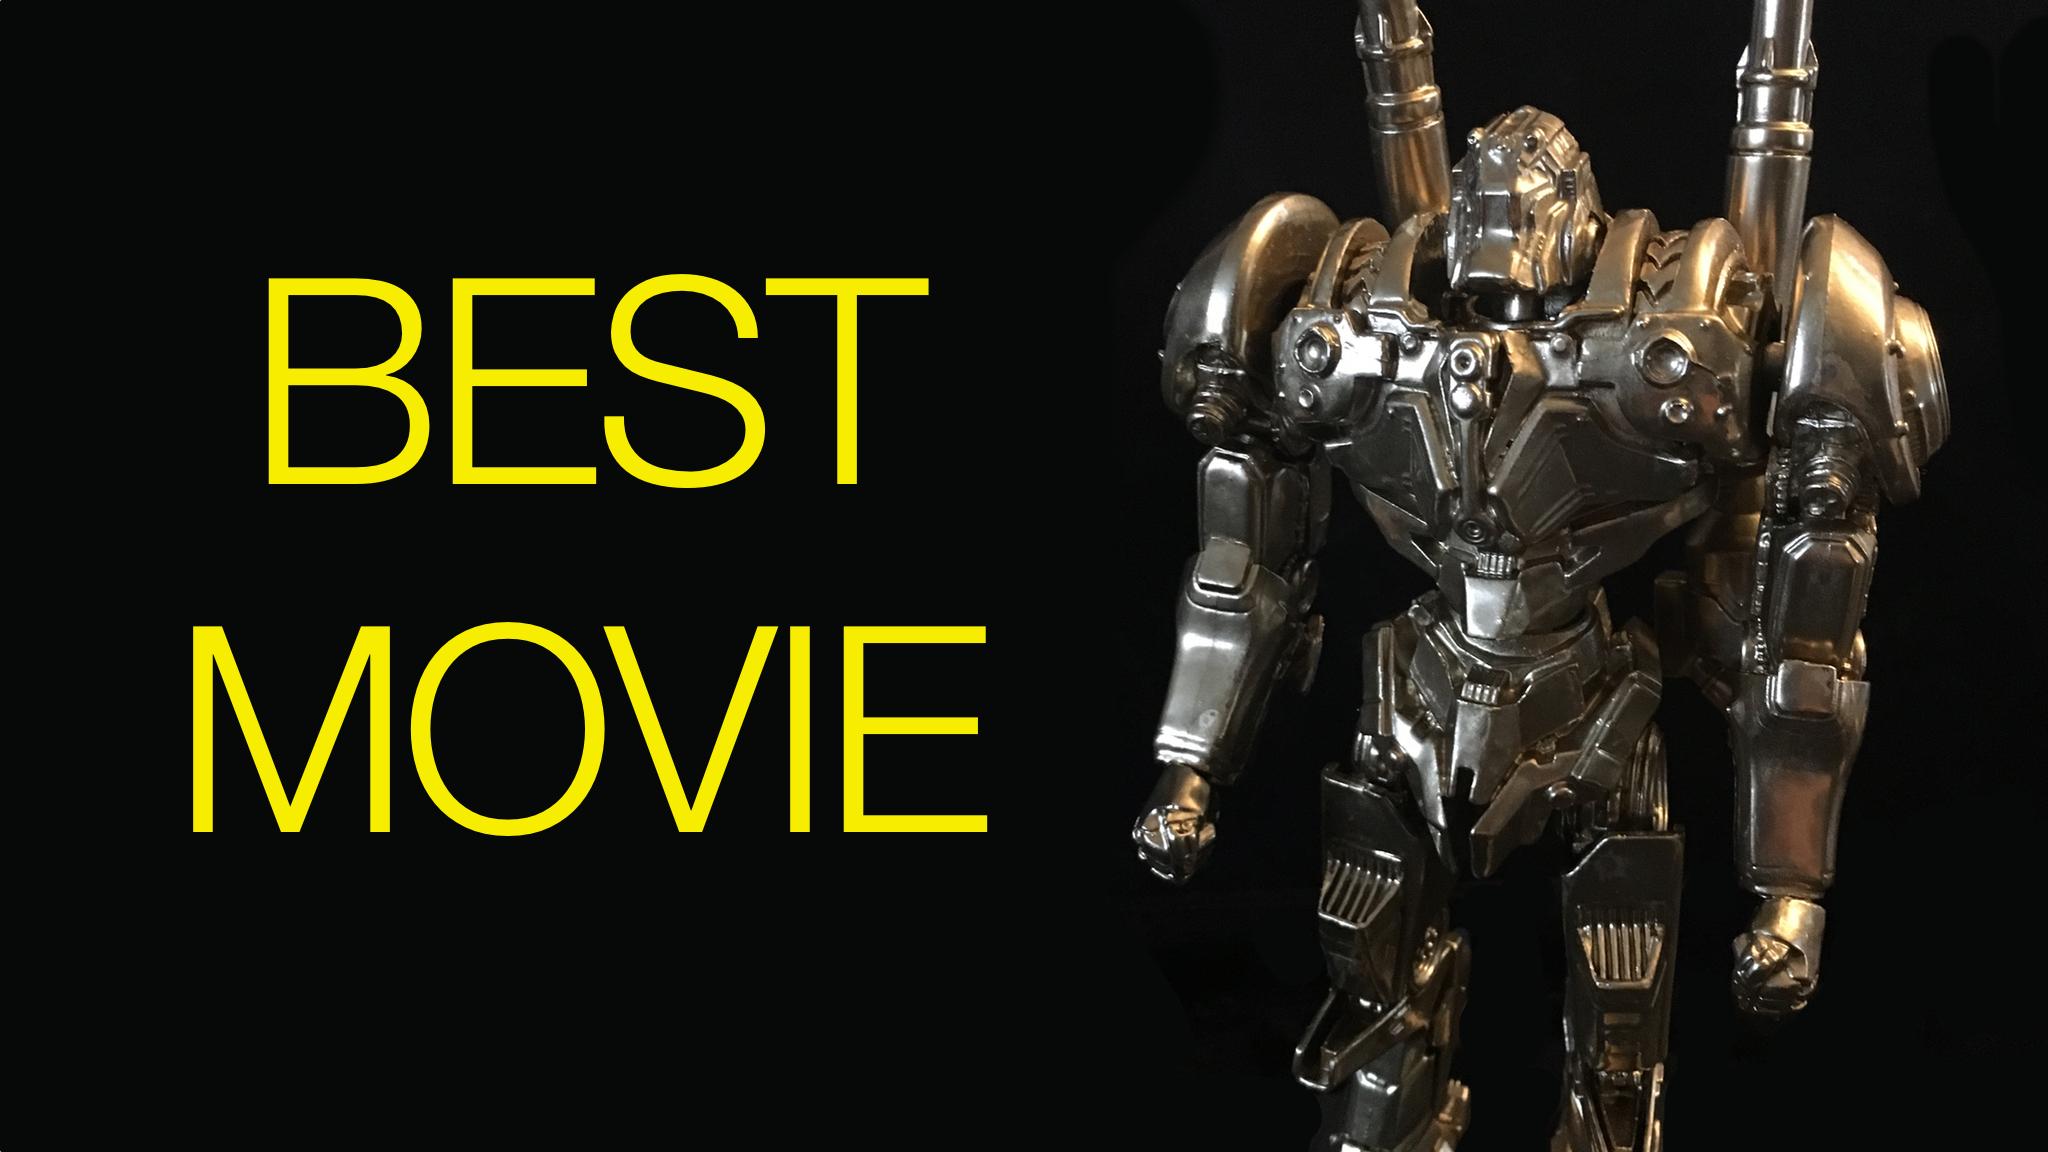 BEST MOVIE 2048X1152.jpg